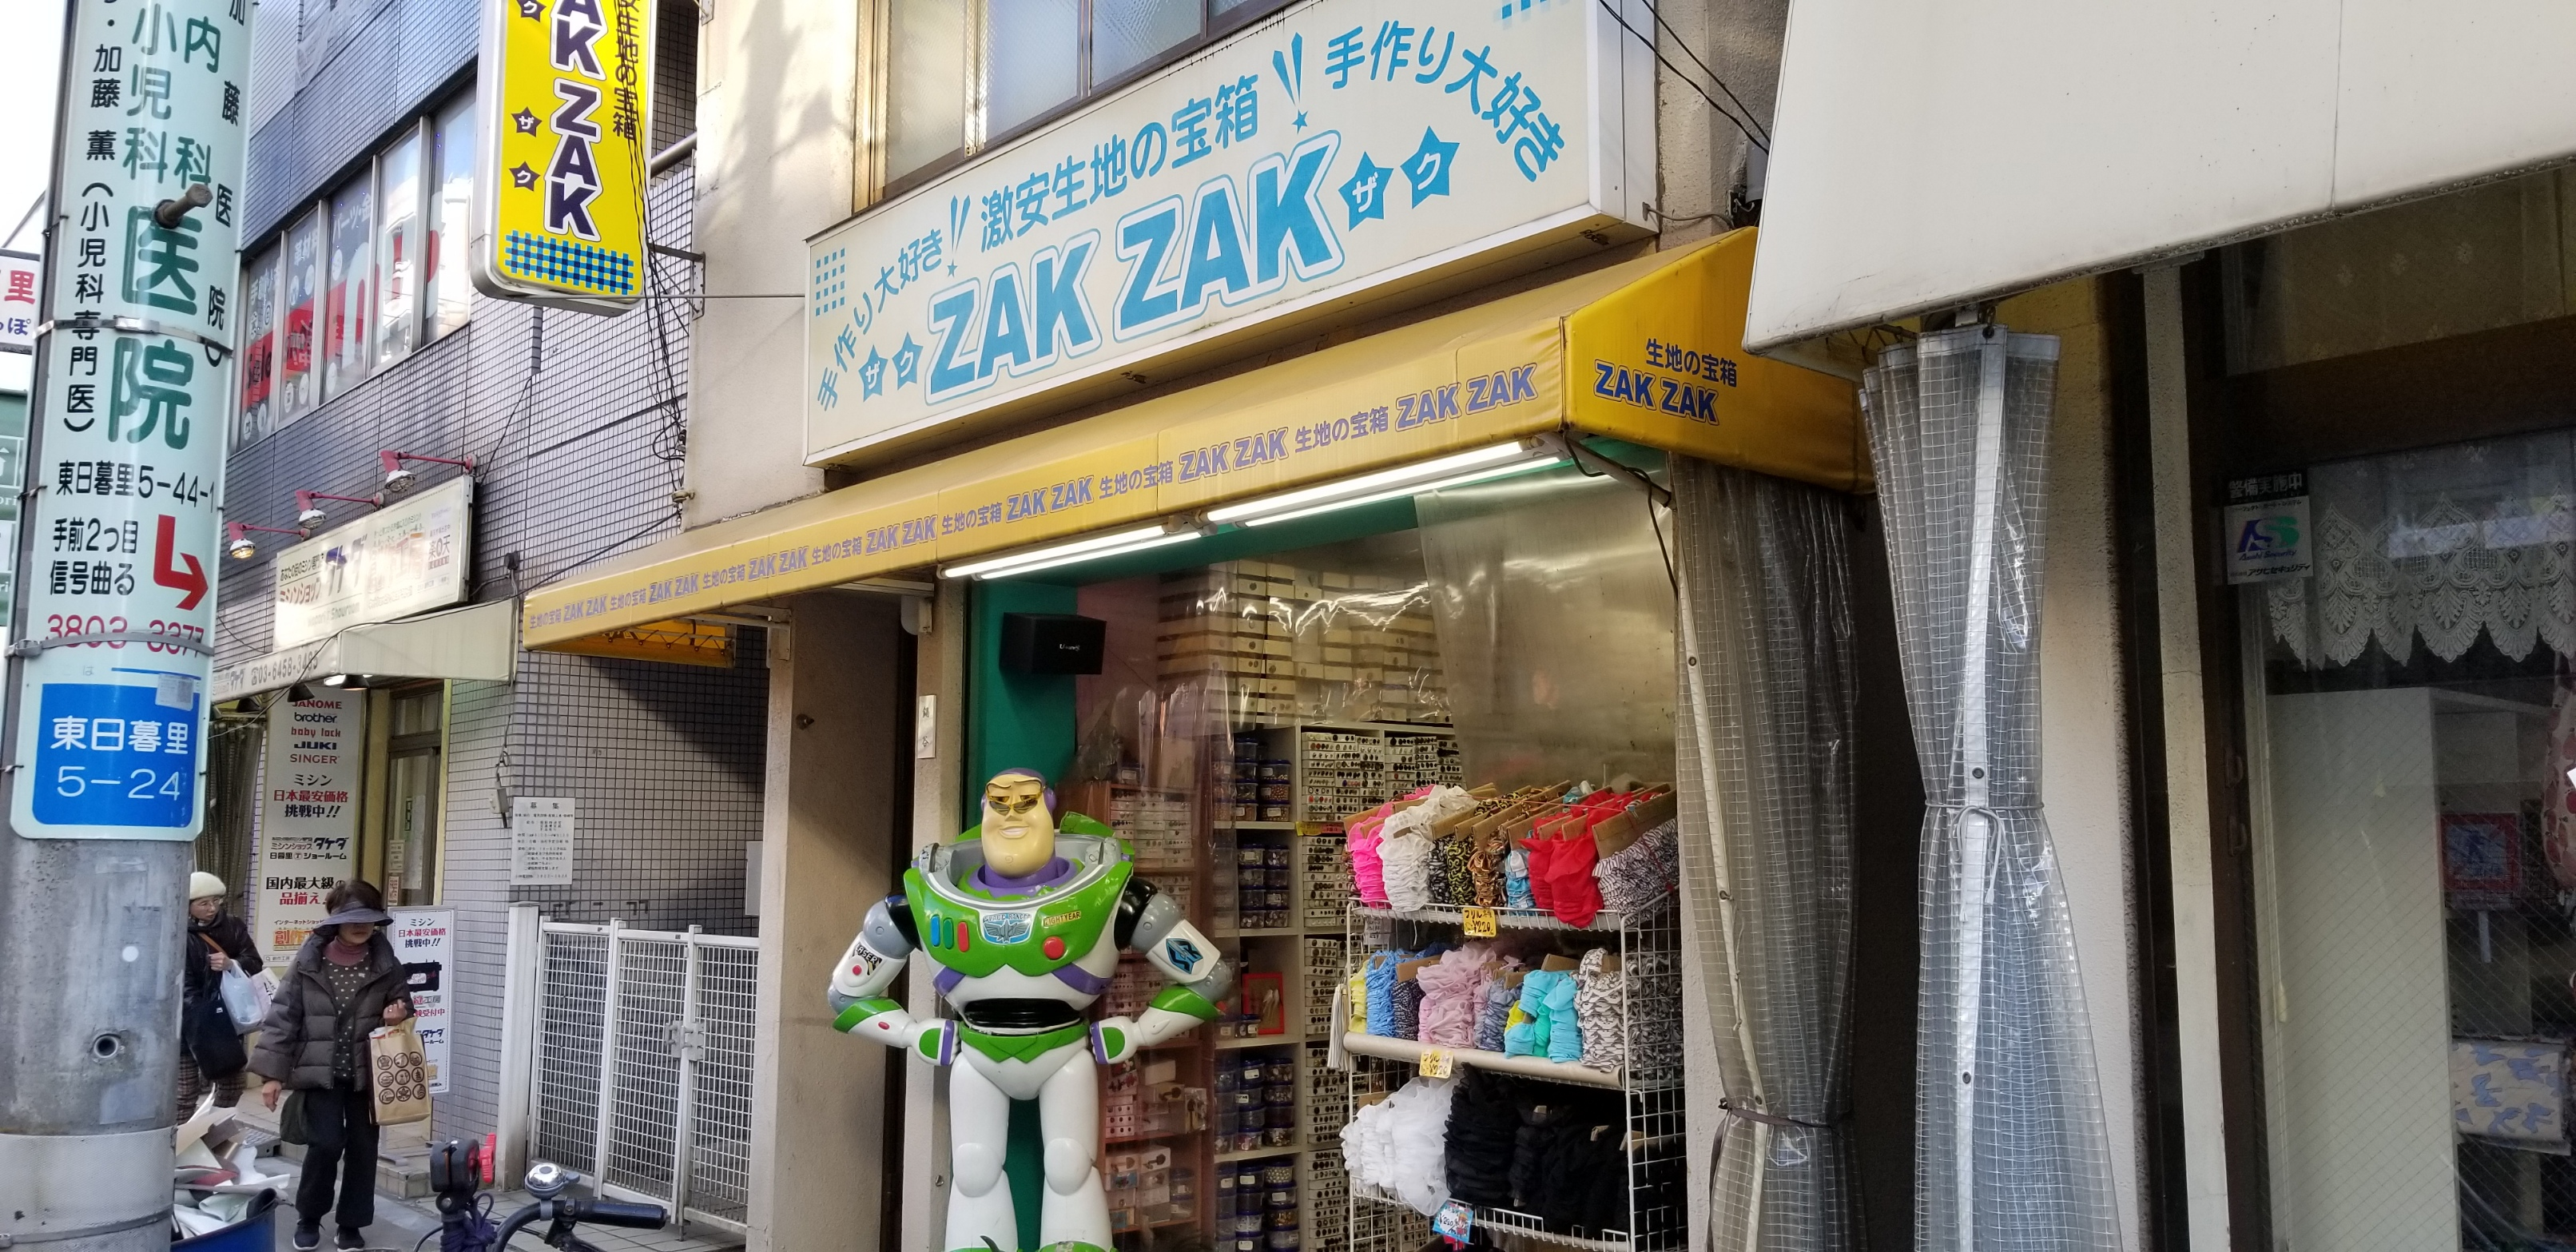 ZAK ZAK 外観